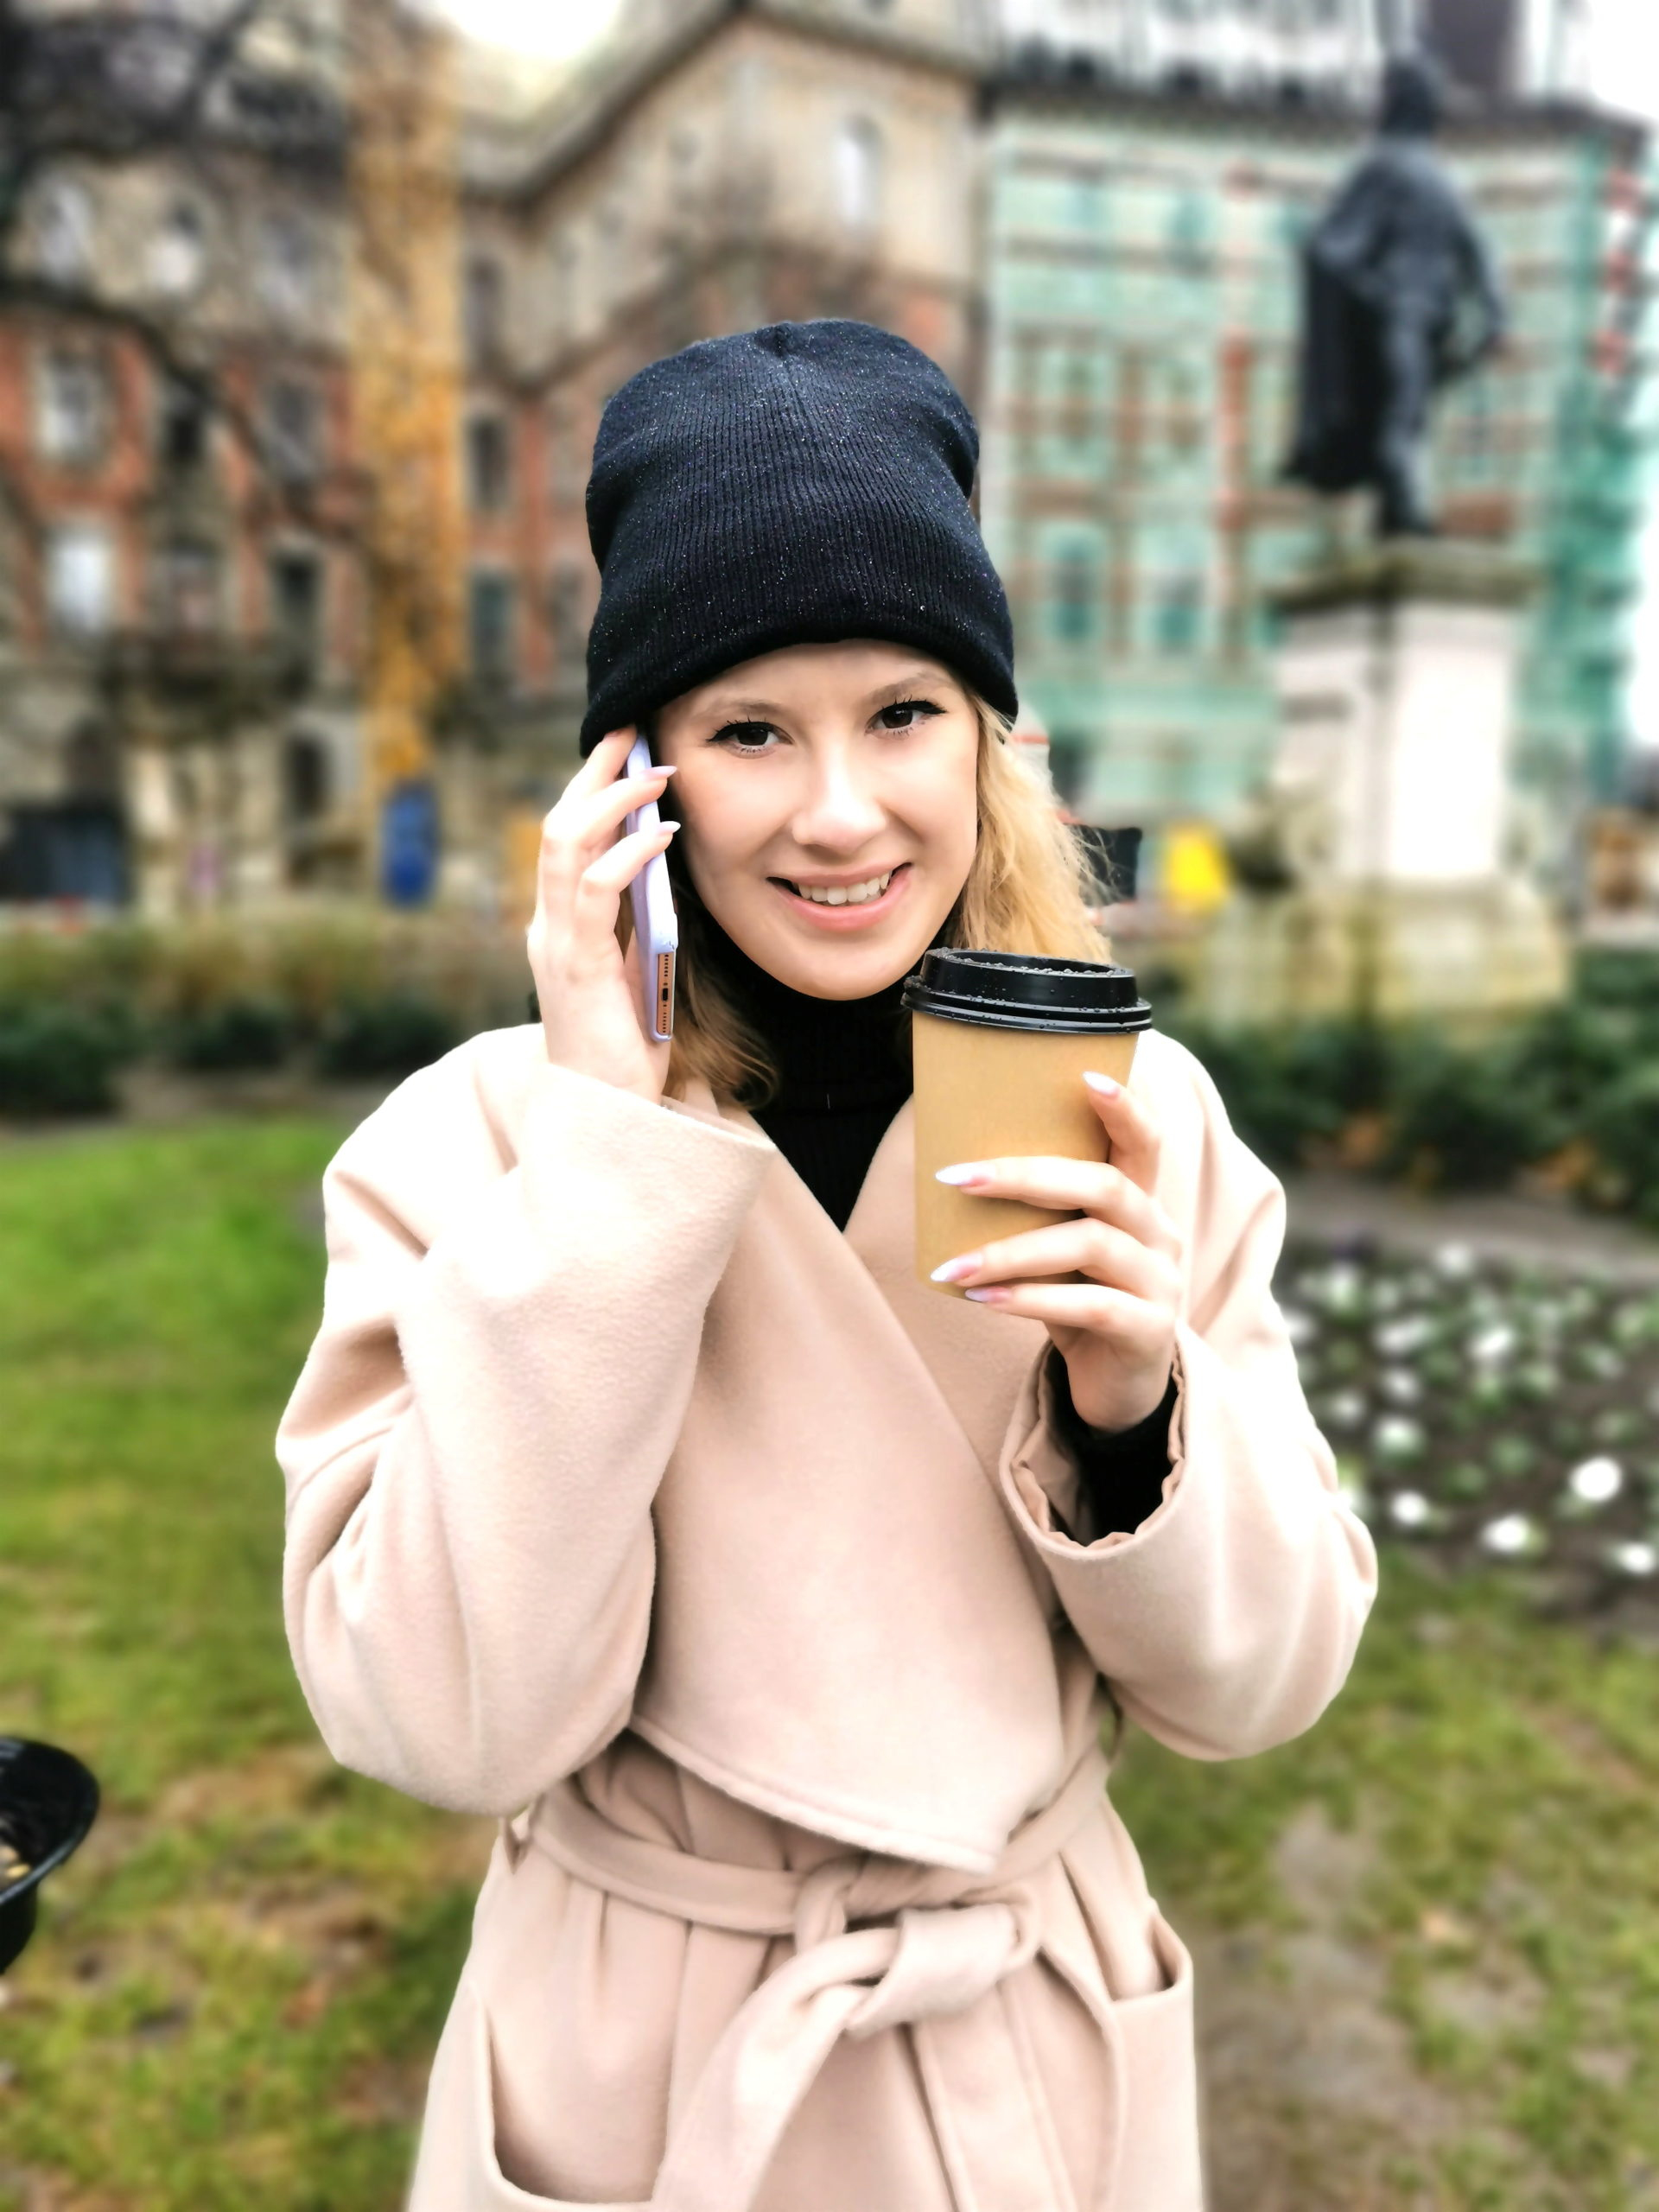 GERMAN SCOUT - 26 Jahre junge Frankfurterin aufgerissen und für Taschengeld vor der Kamera gefickt